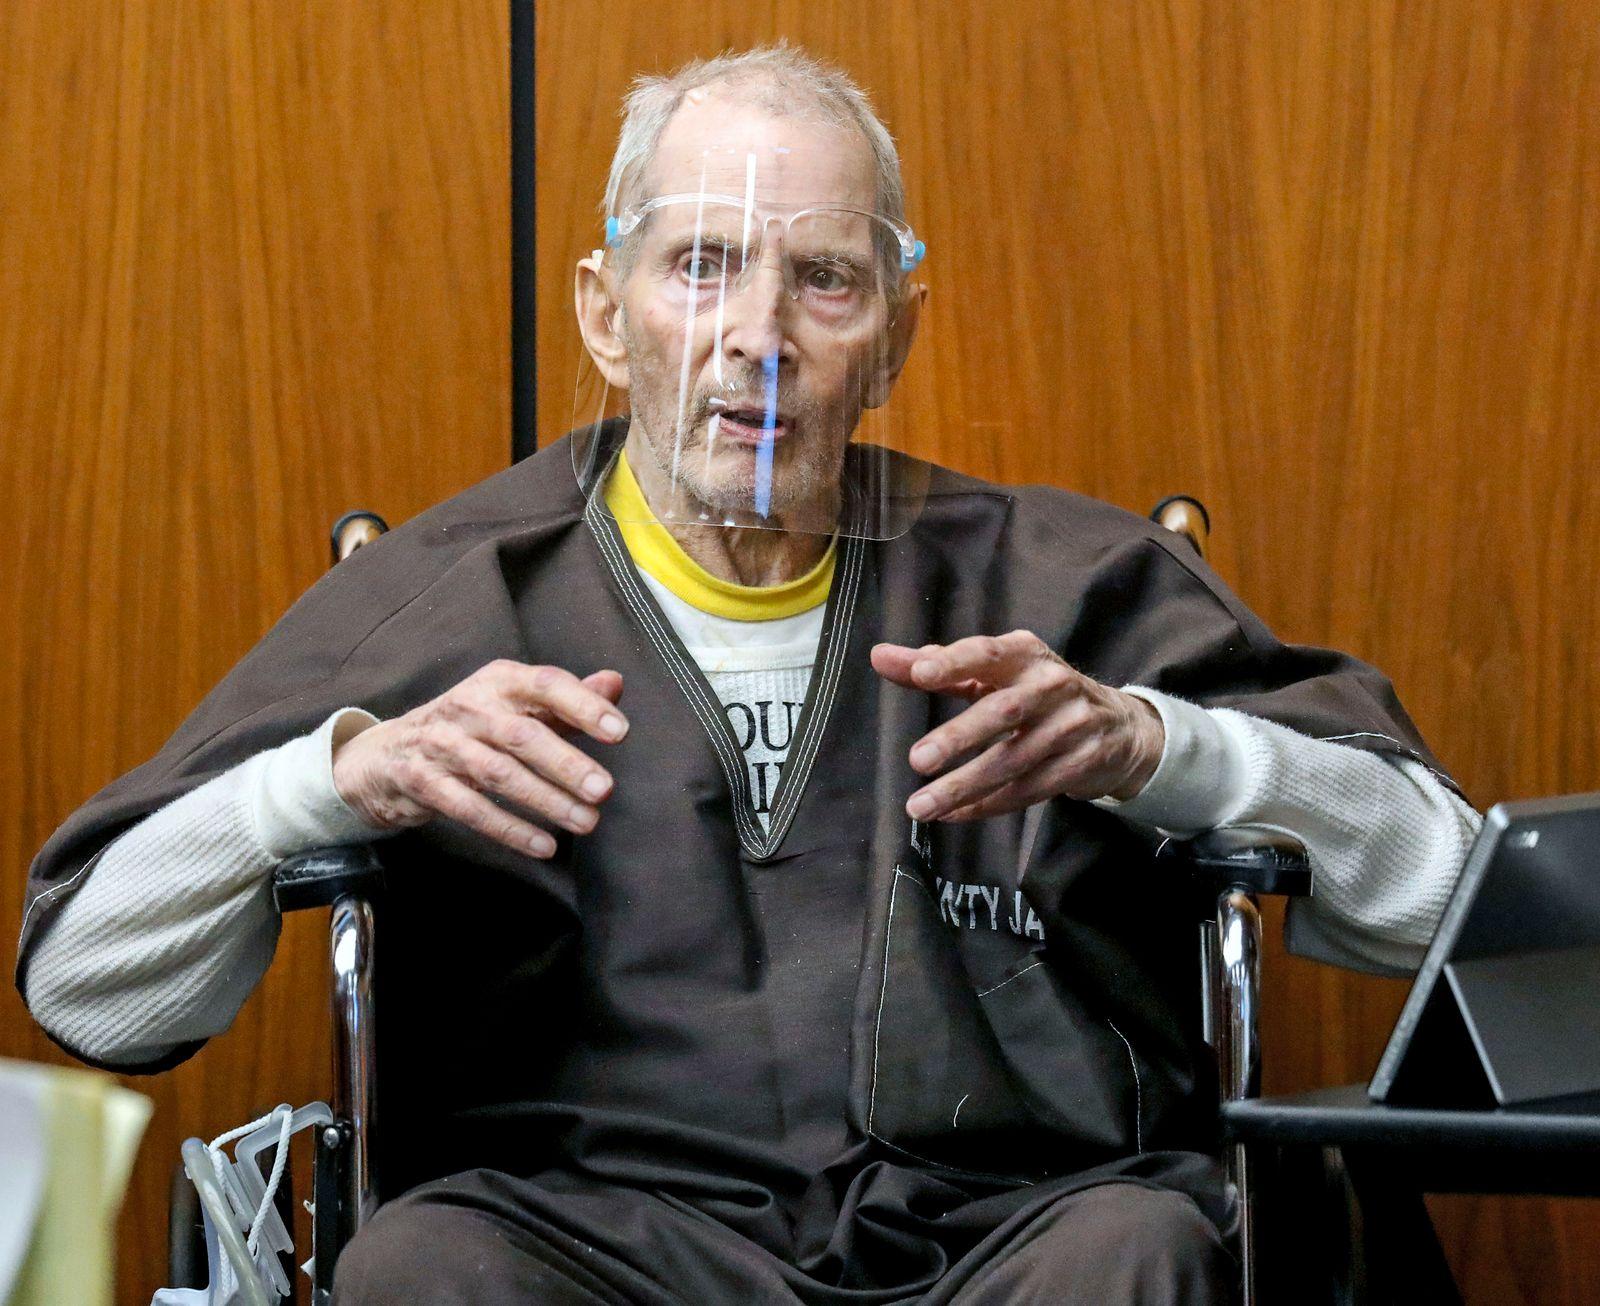 US-Millionär Robert Durst wegen Mordes schuldig gesprochen